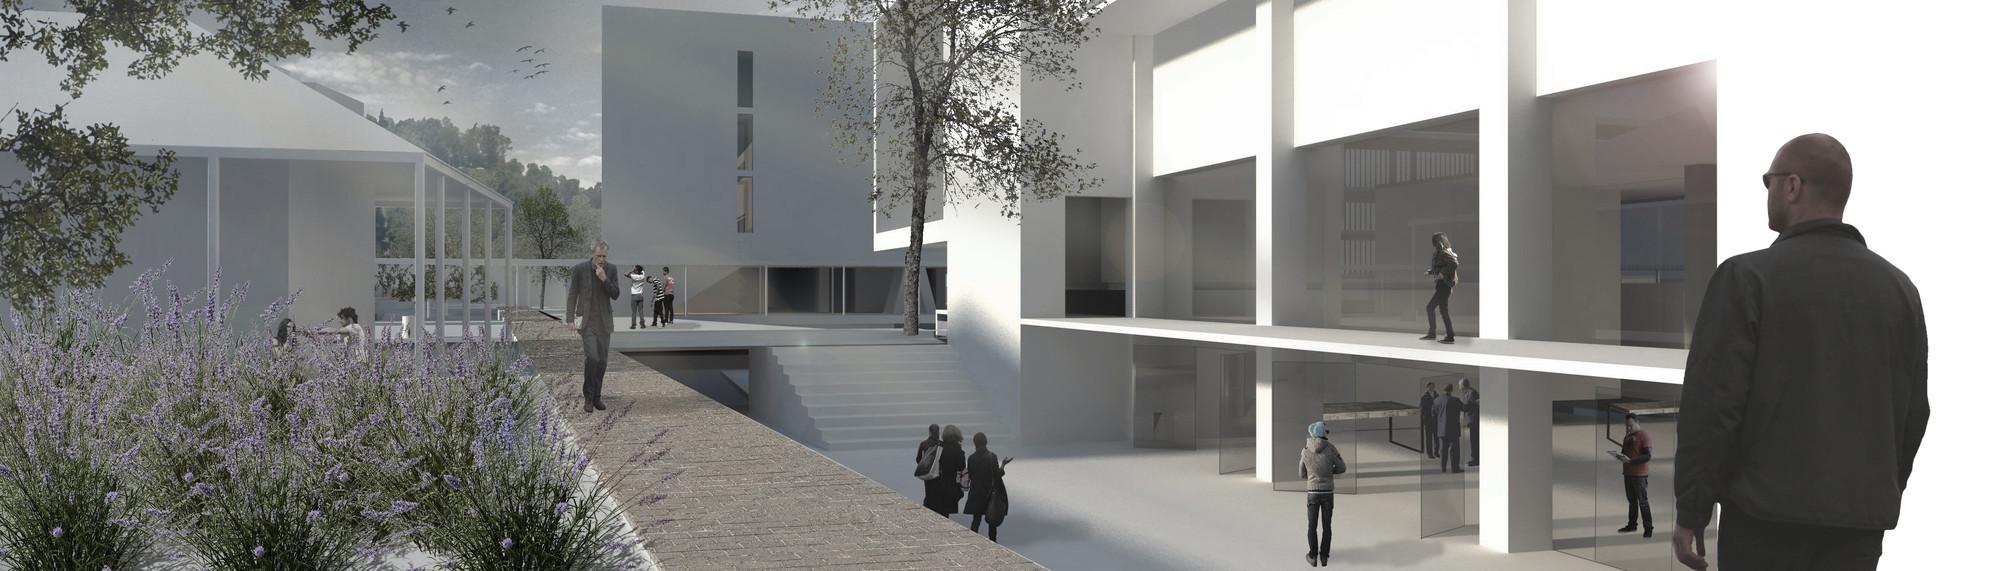 Patio de la escalera sur. Image Cortesia de Baixas & del Río Arquitectos